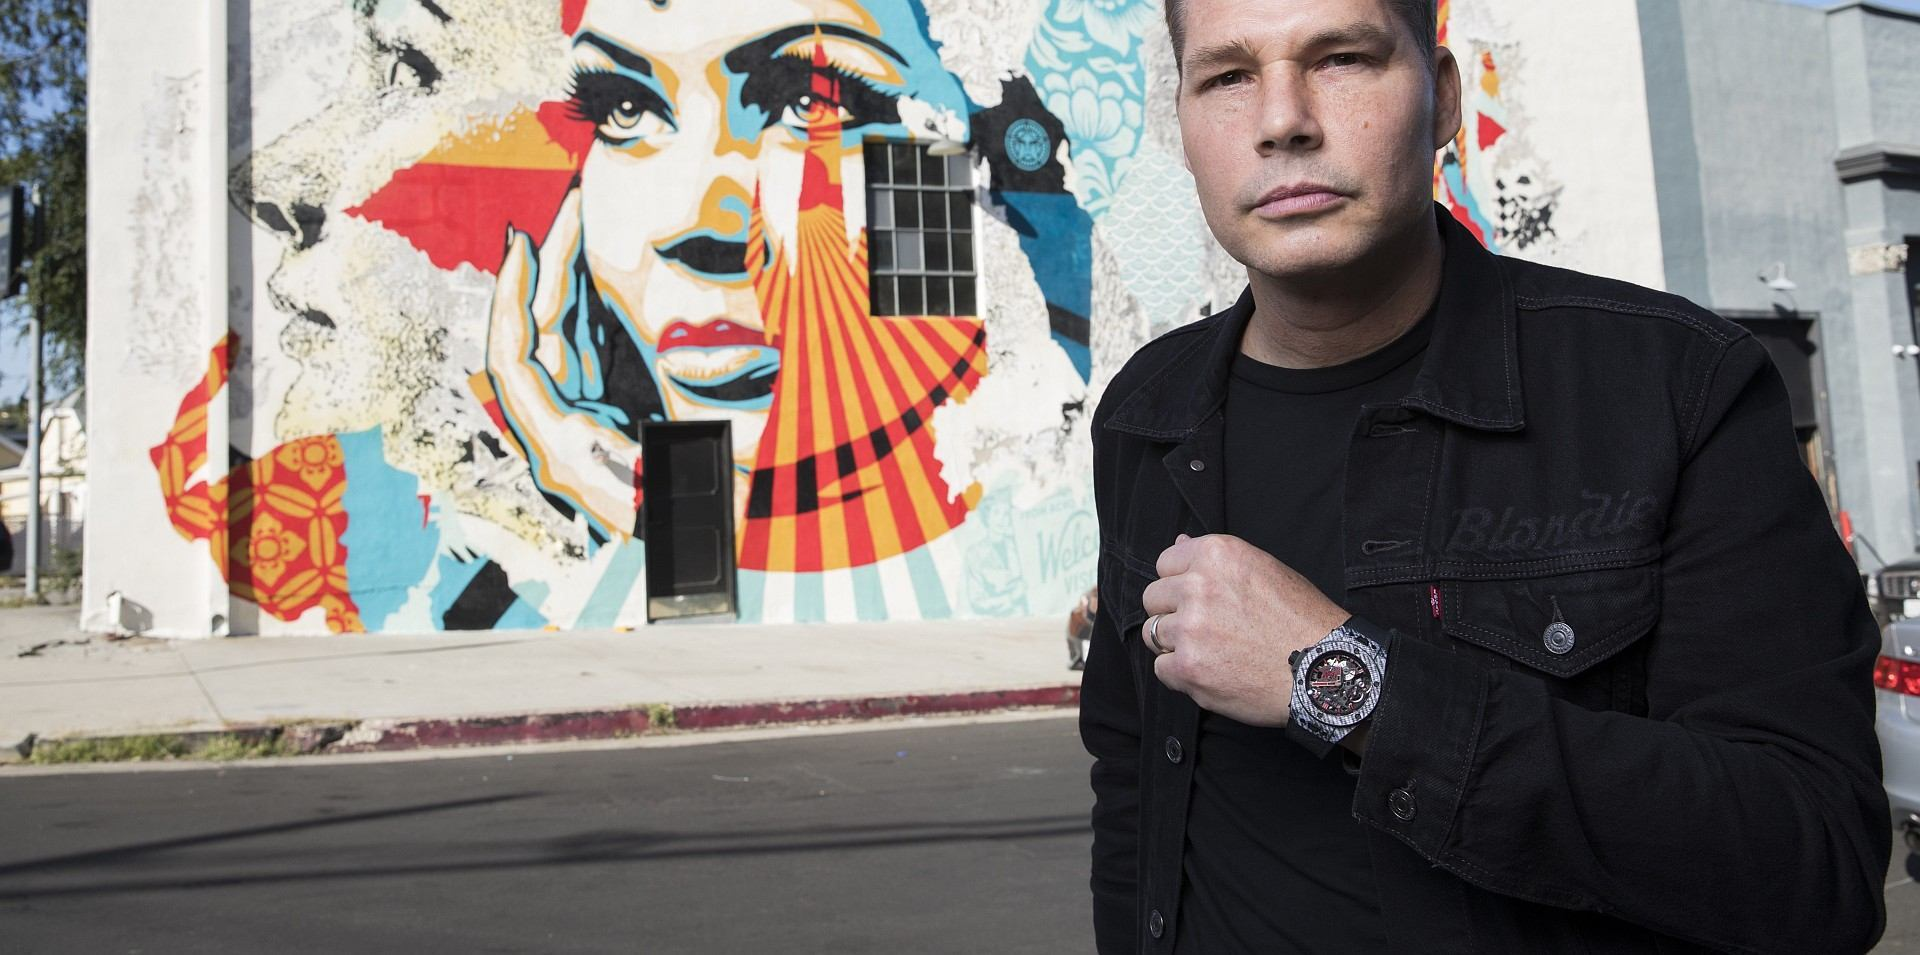 藝術創作無疆界:宇舶Big Bang Meca-10推出當代街頭藝術教父Shepard Fairey聯名腕錶